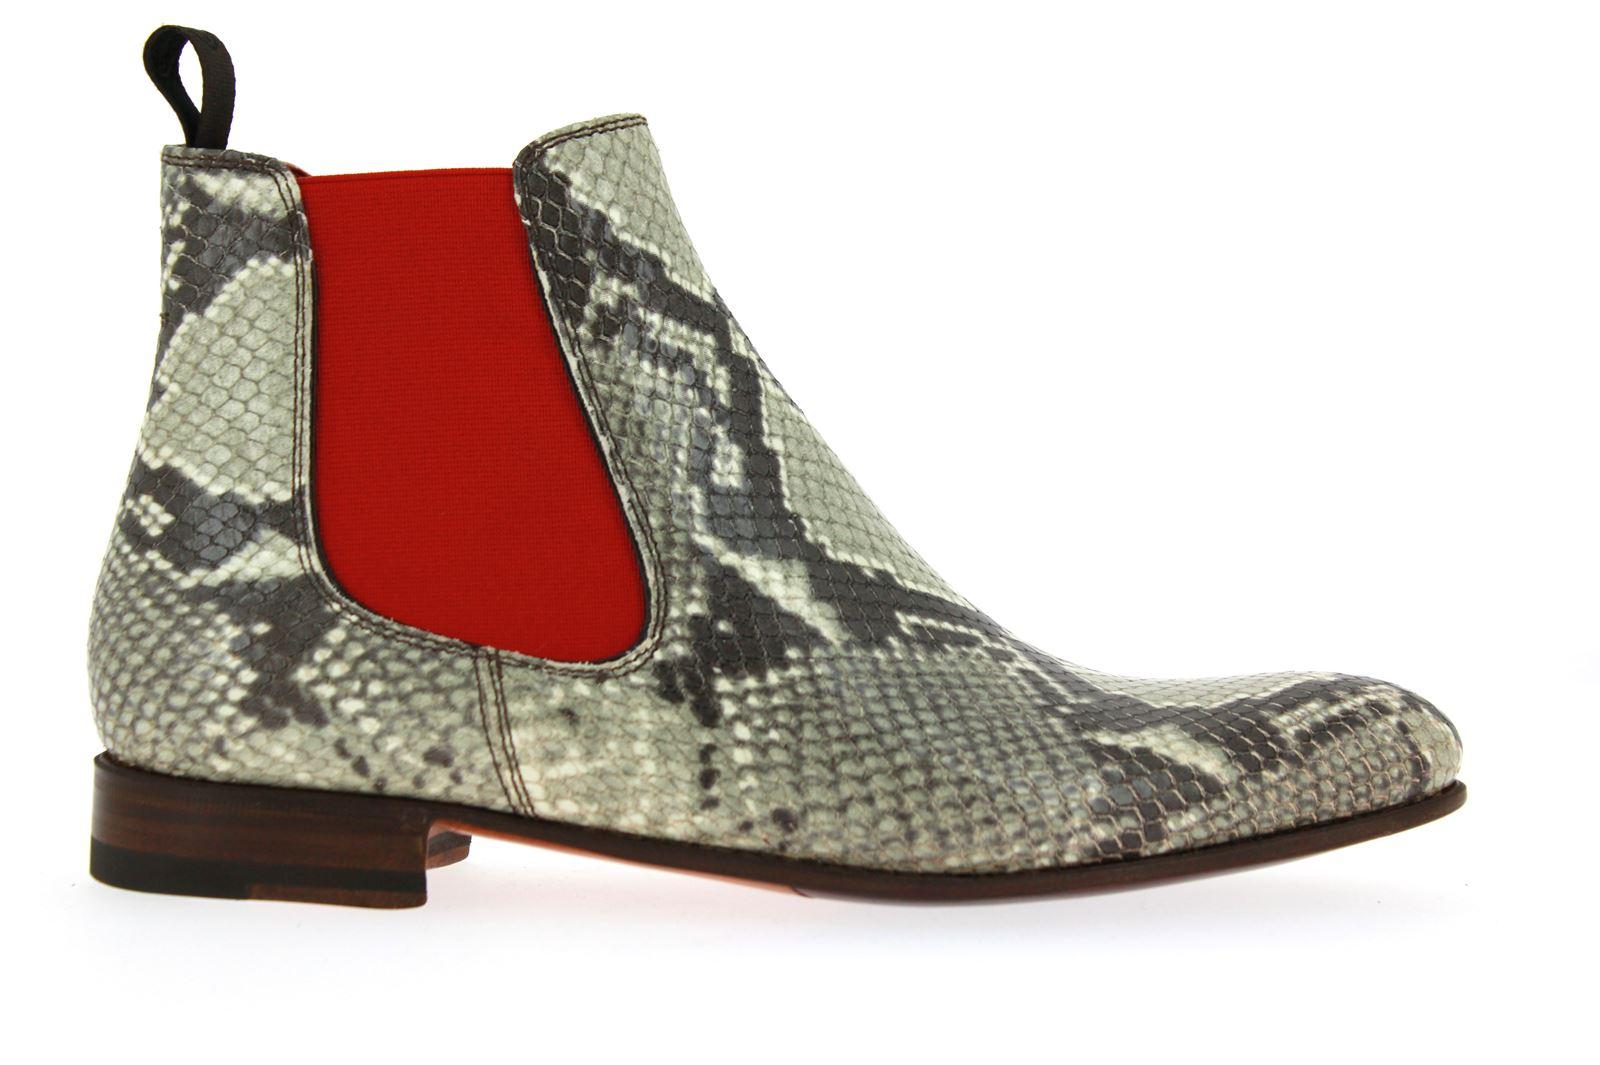 Benson's Chelsea boot PITONE PRINT ROCCIA